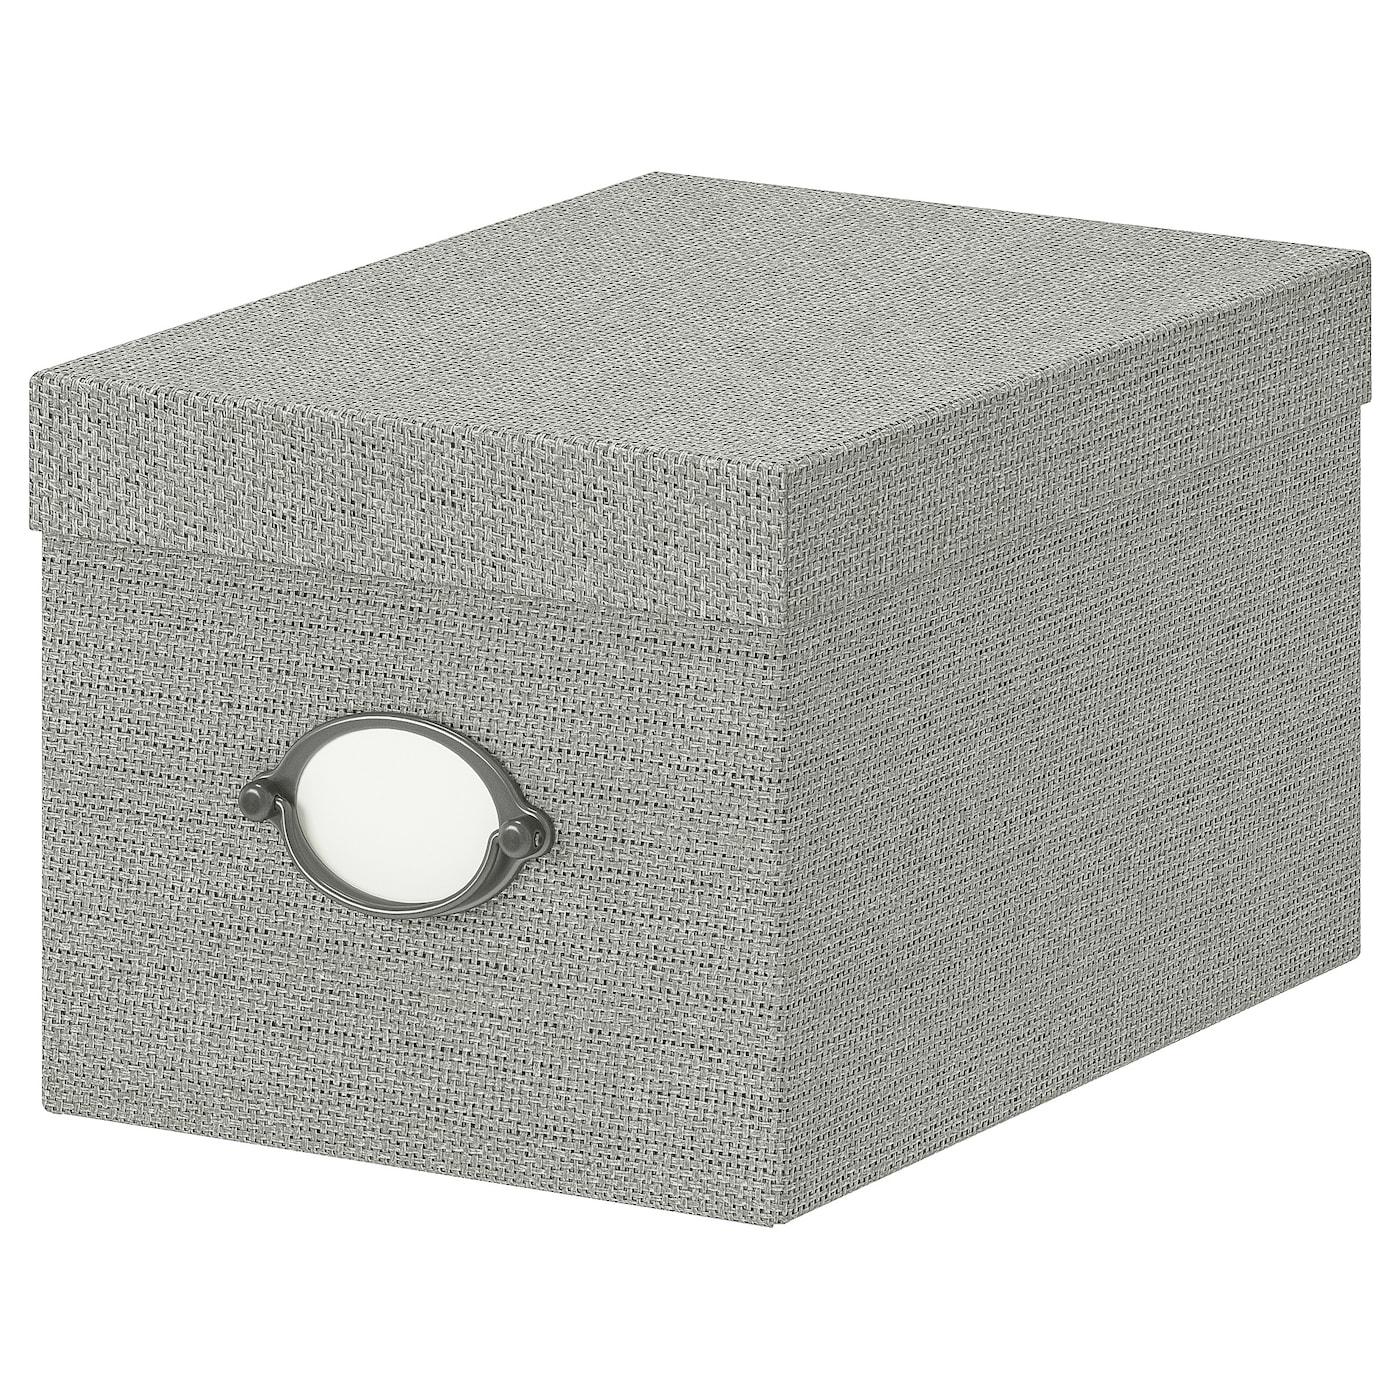 IKEA KVARNVIK Kasten mit Deckel – 25 x 18 x 15 cm